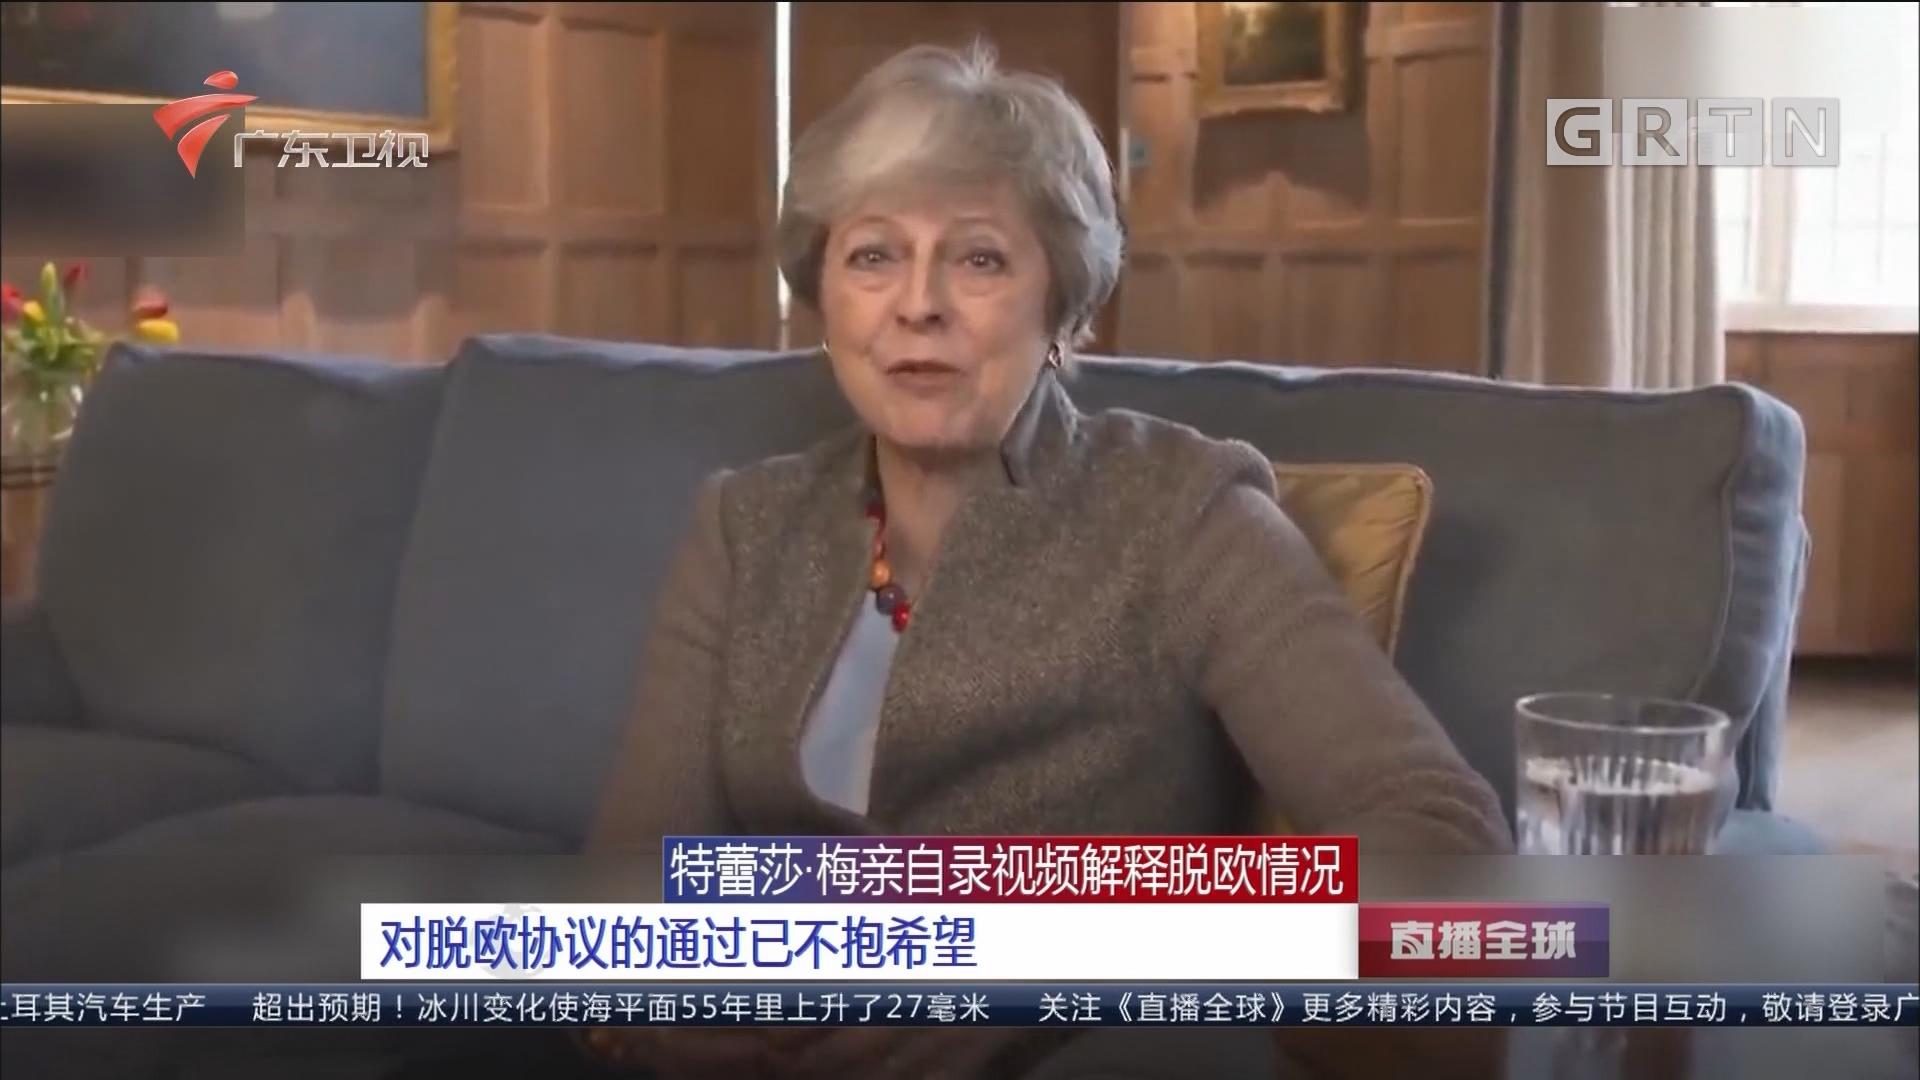 特蕾莎·梅亲自录视频解释脱欧情况 对脱欧协议的通过已不抱希望